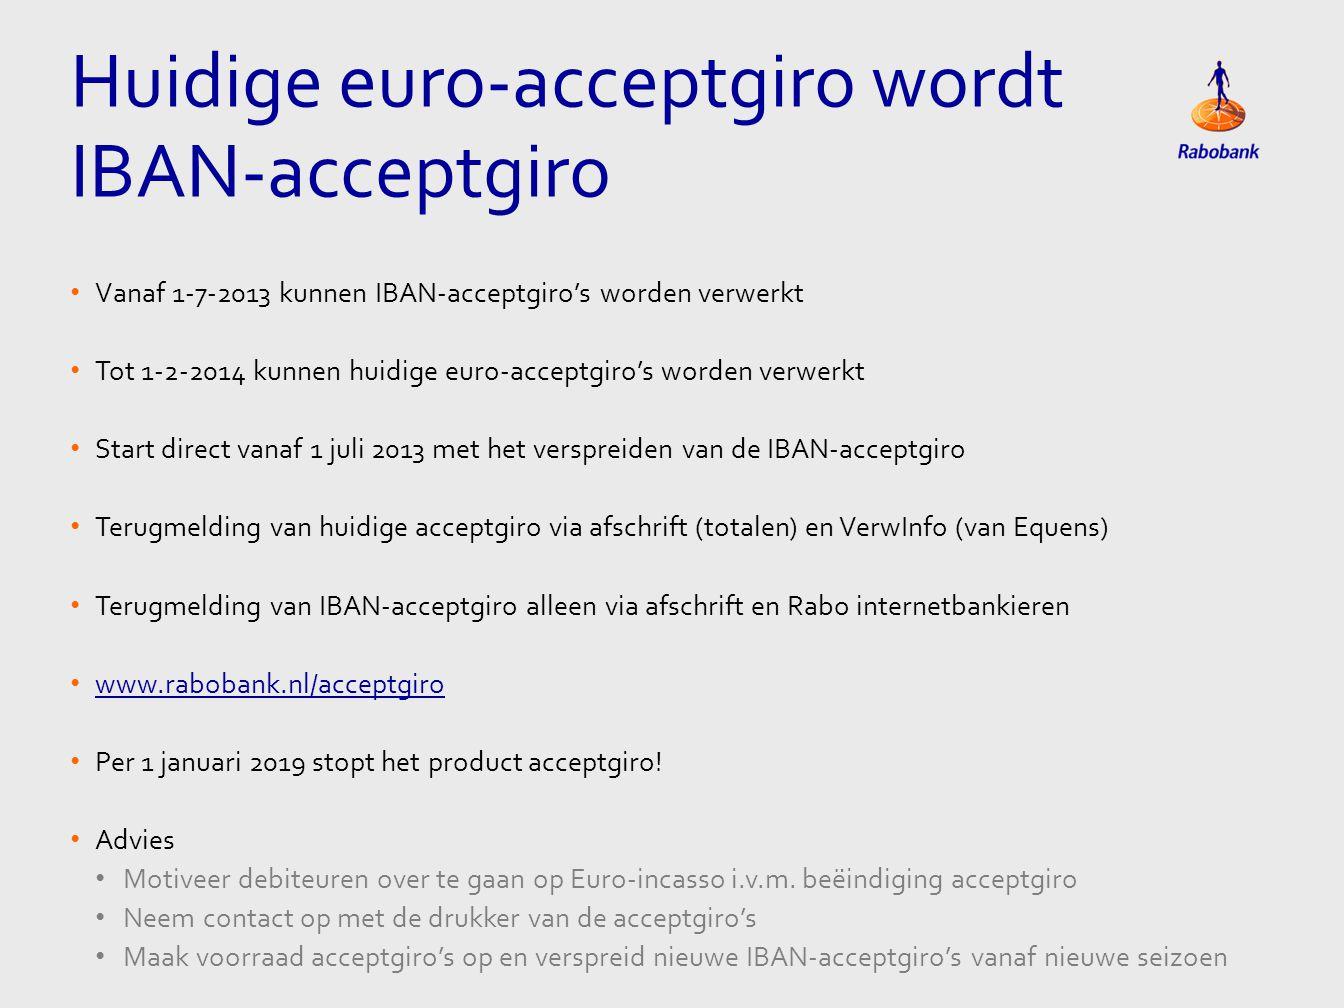 Huidige euro-acceptgiro wordt IBAN-acceptgiro